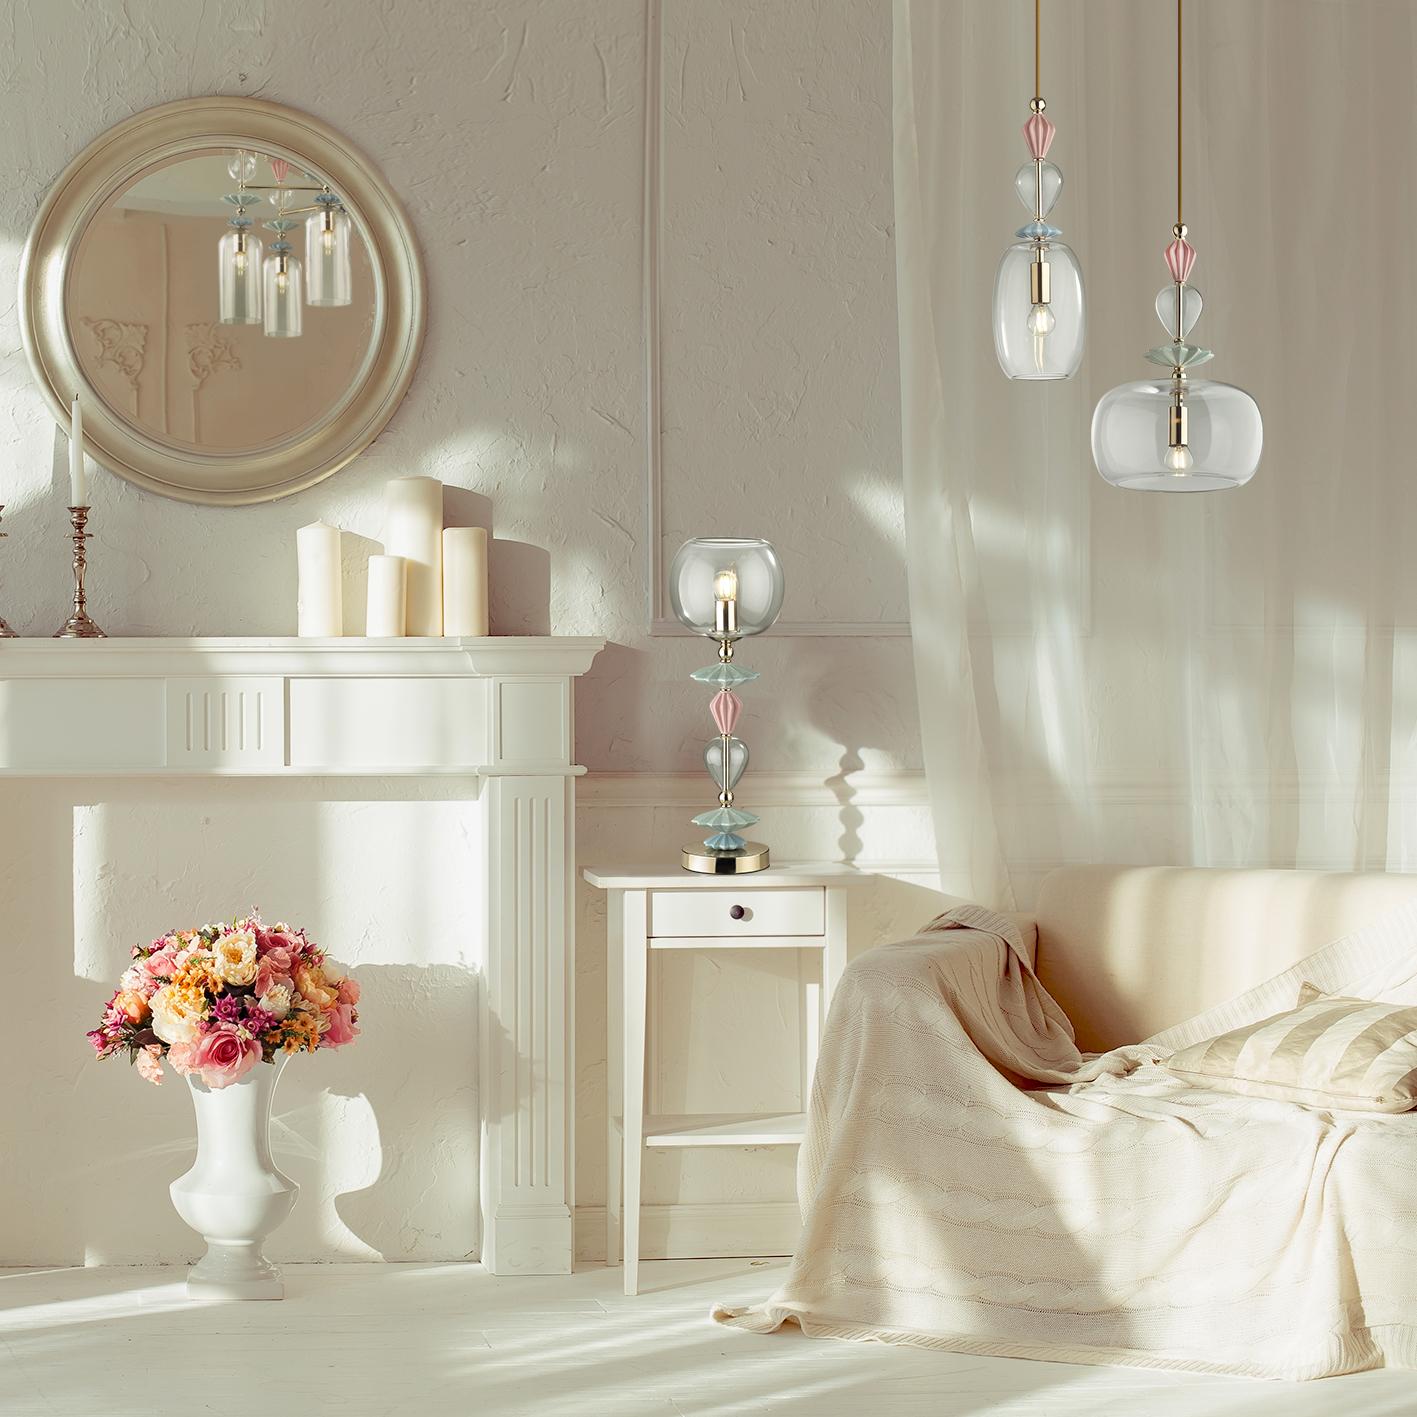 Настольная лампа Odeon Light Classic Bizet 4855/1T, 1xE14x40W, разноцветный, прозрачный, керамика, стекло - фото 4